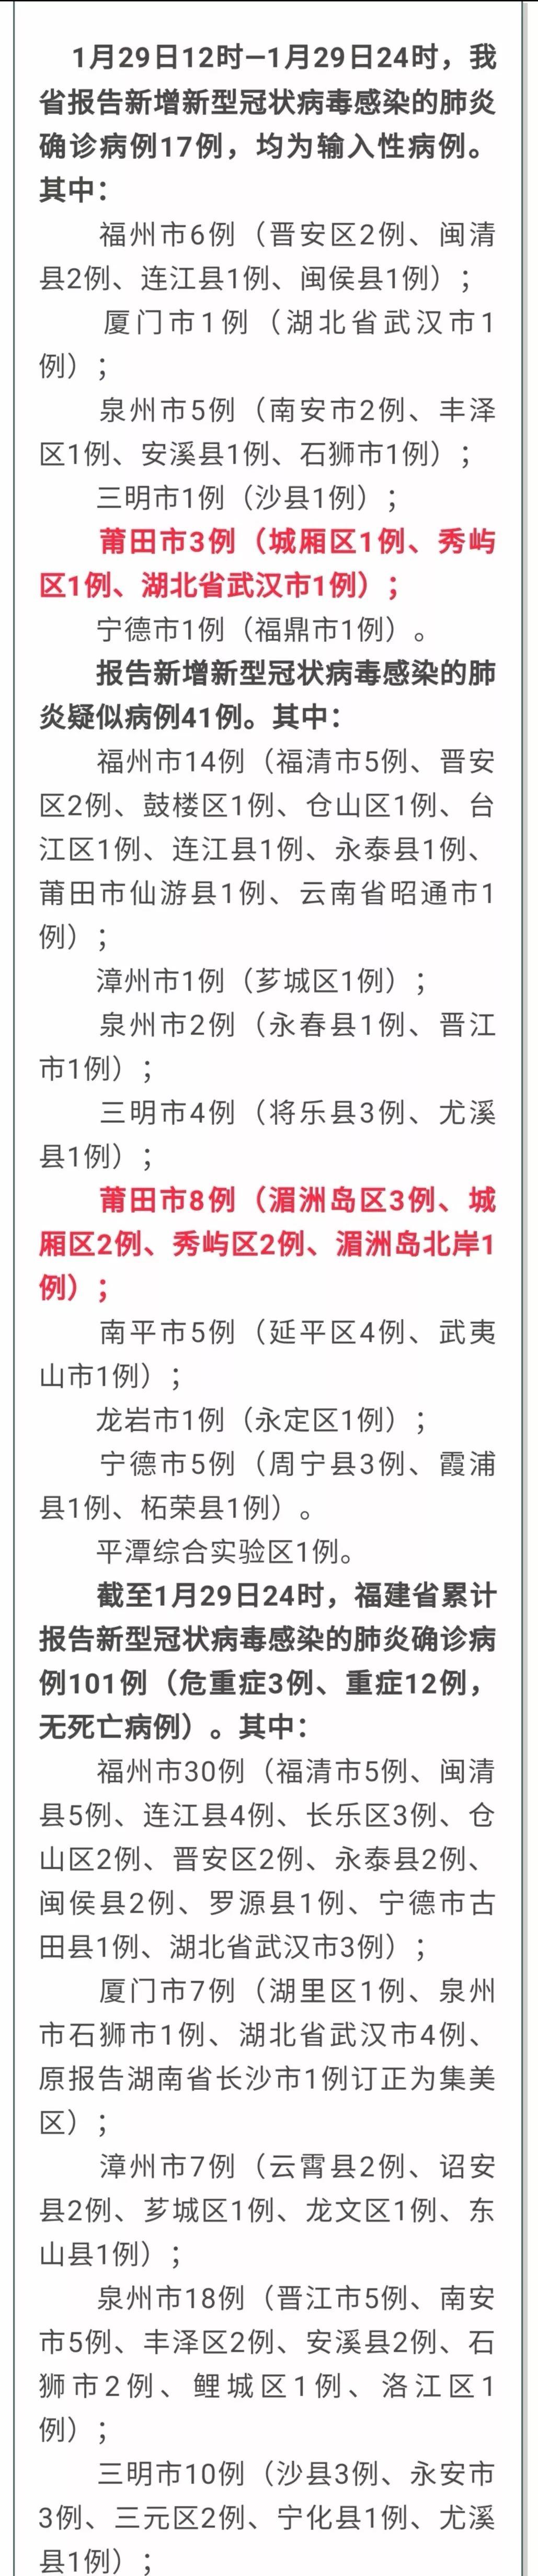 截止1月30日!莆田新增8例疑似病例,确诊17例!